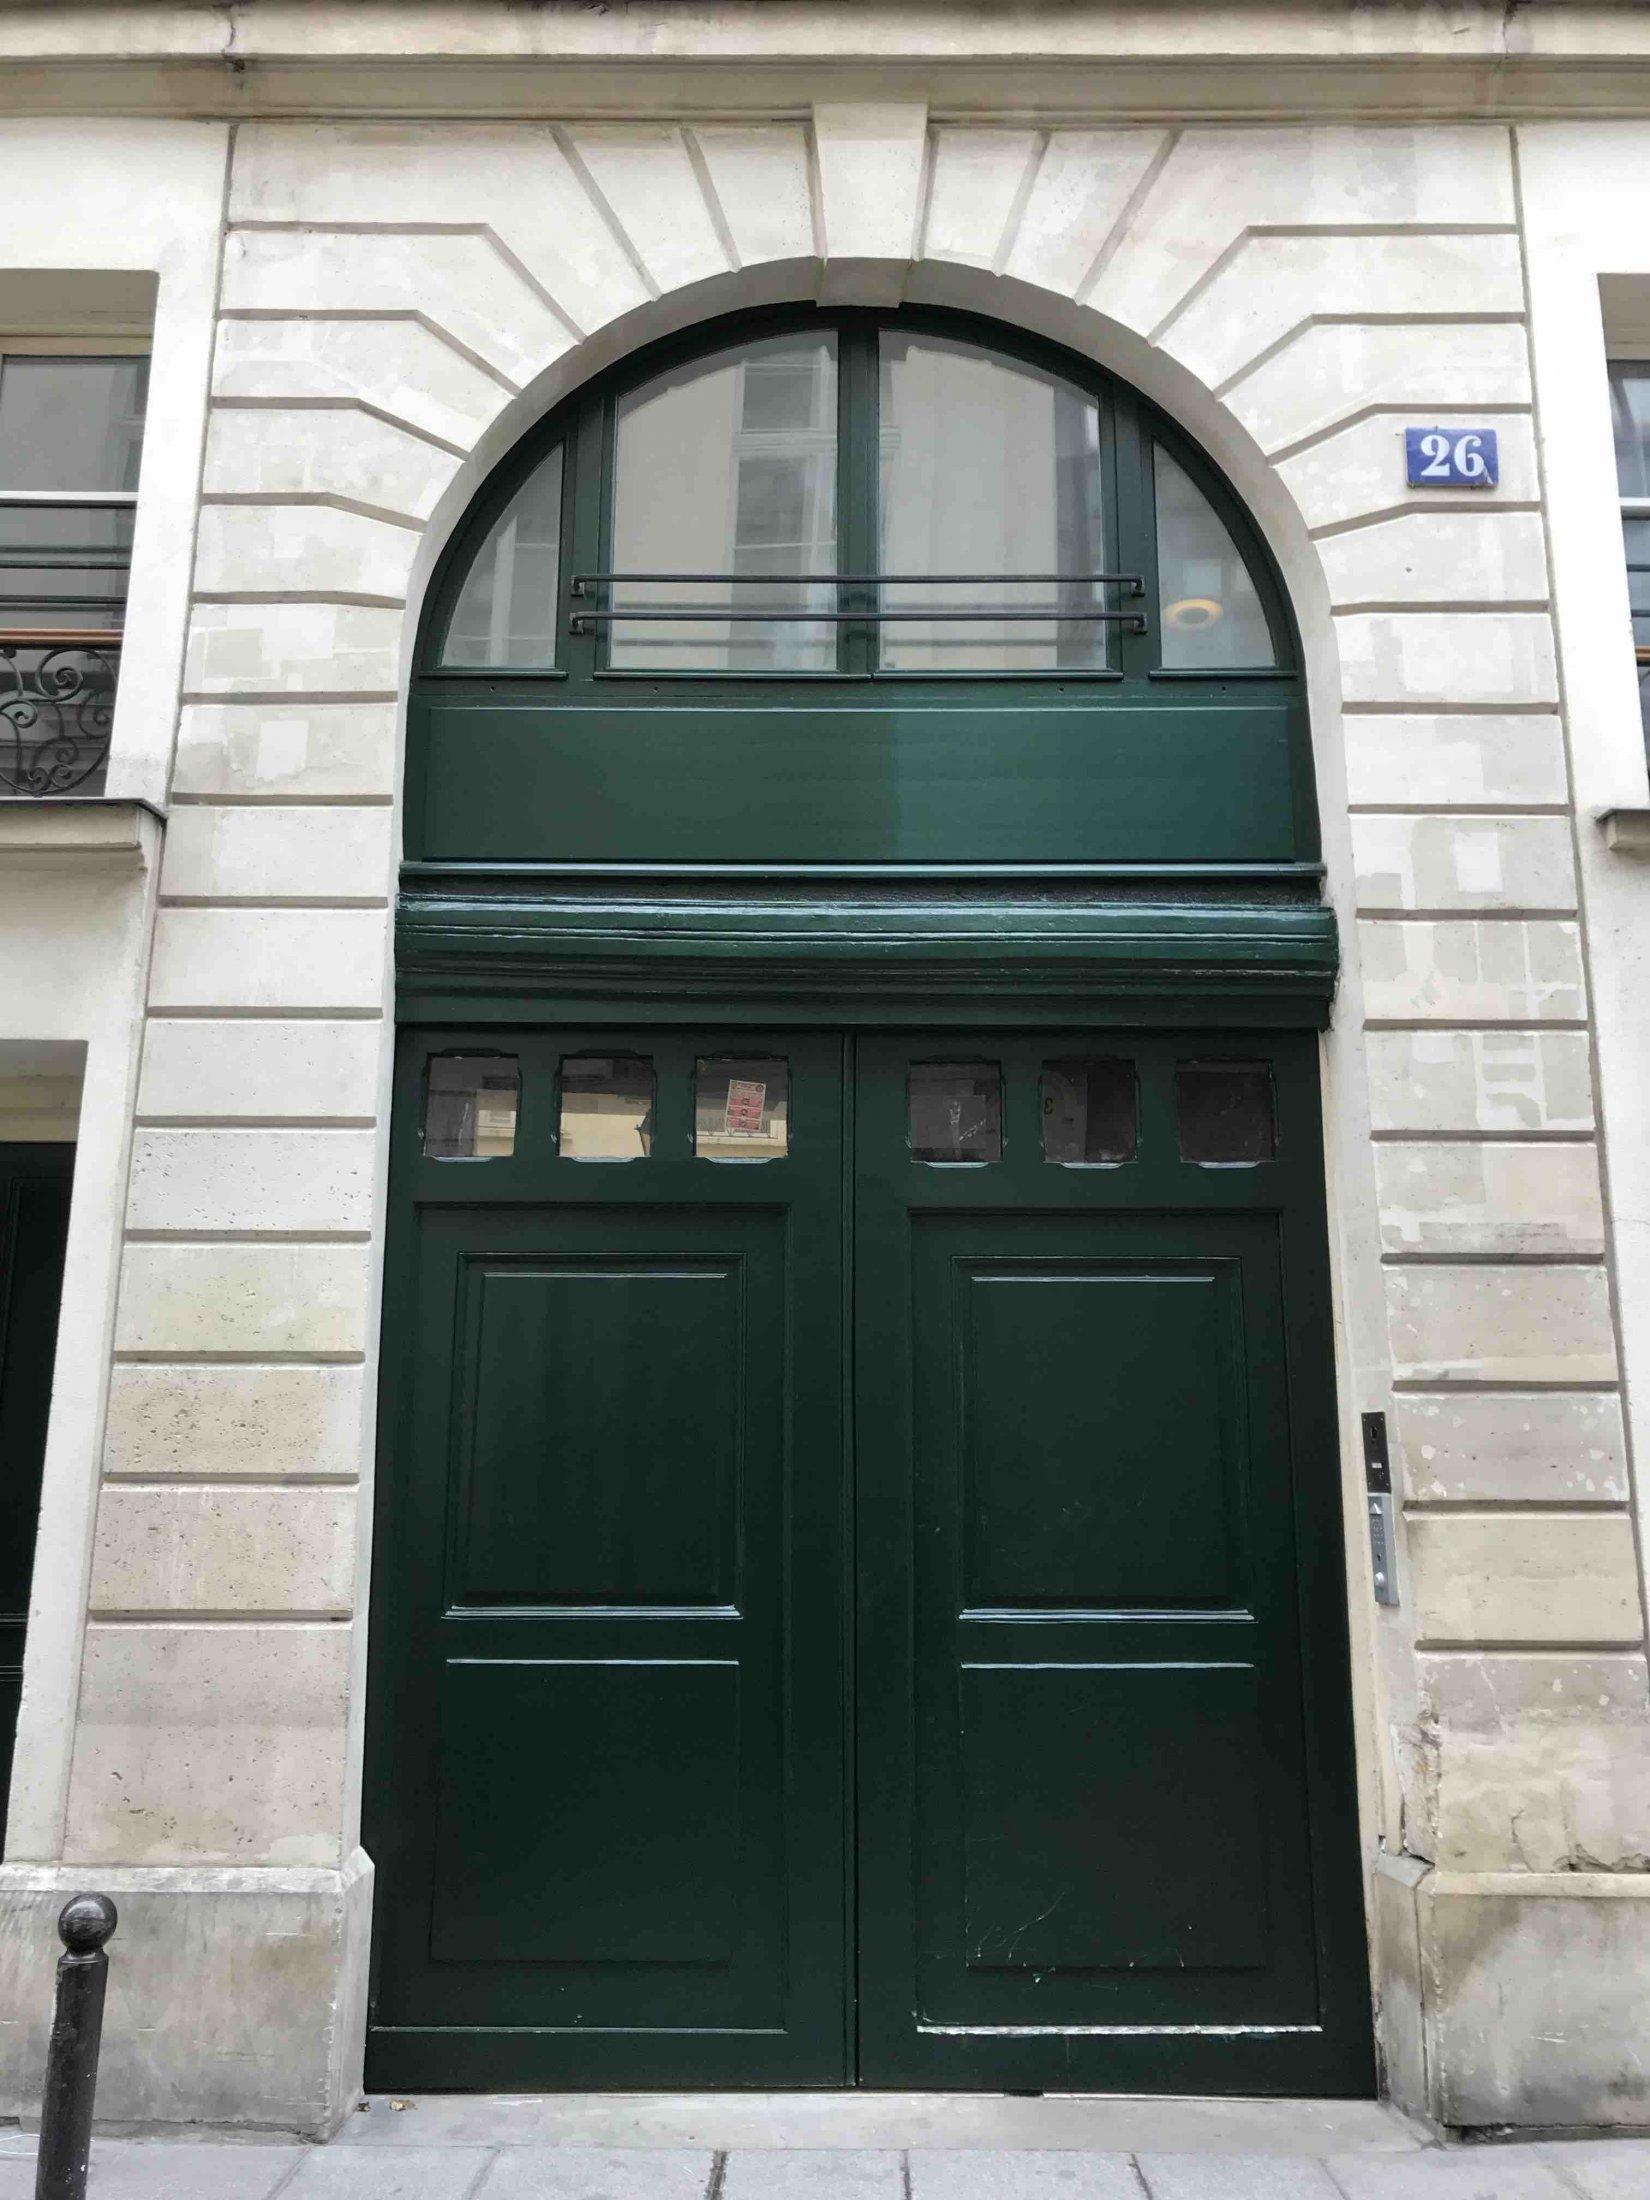 26 RUE DU SENTIER PARIS 9